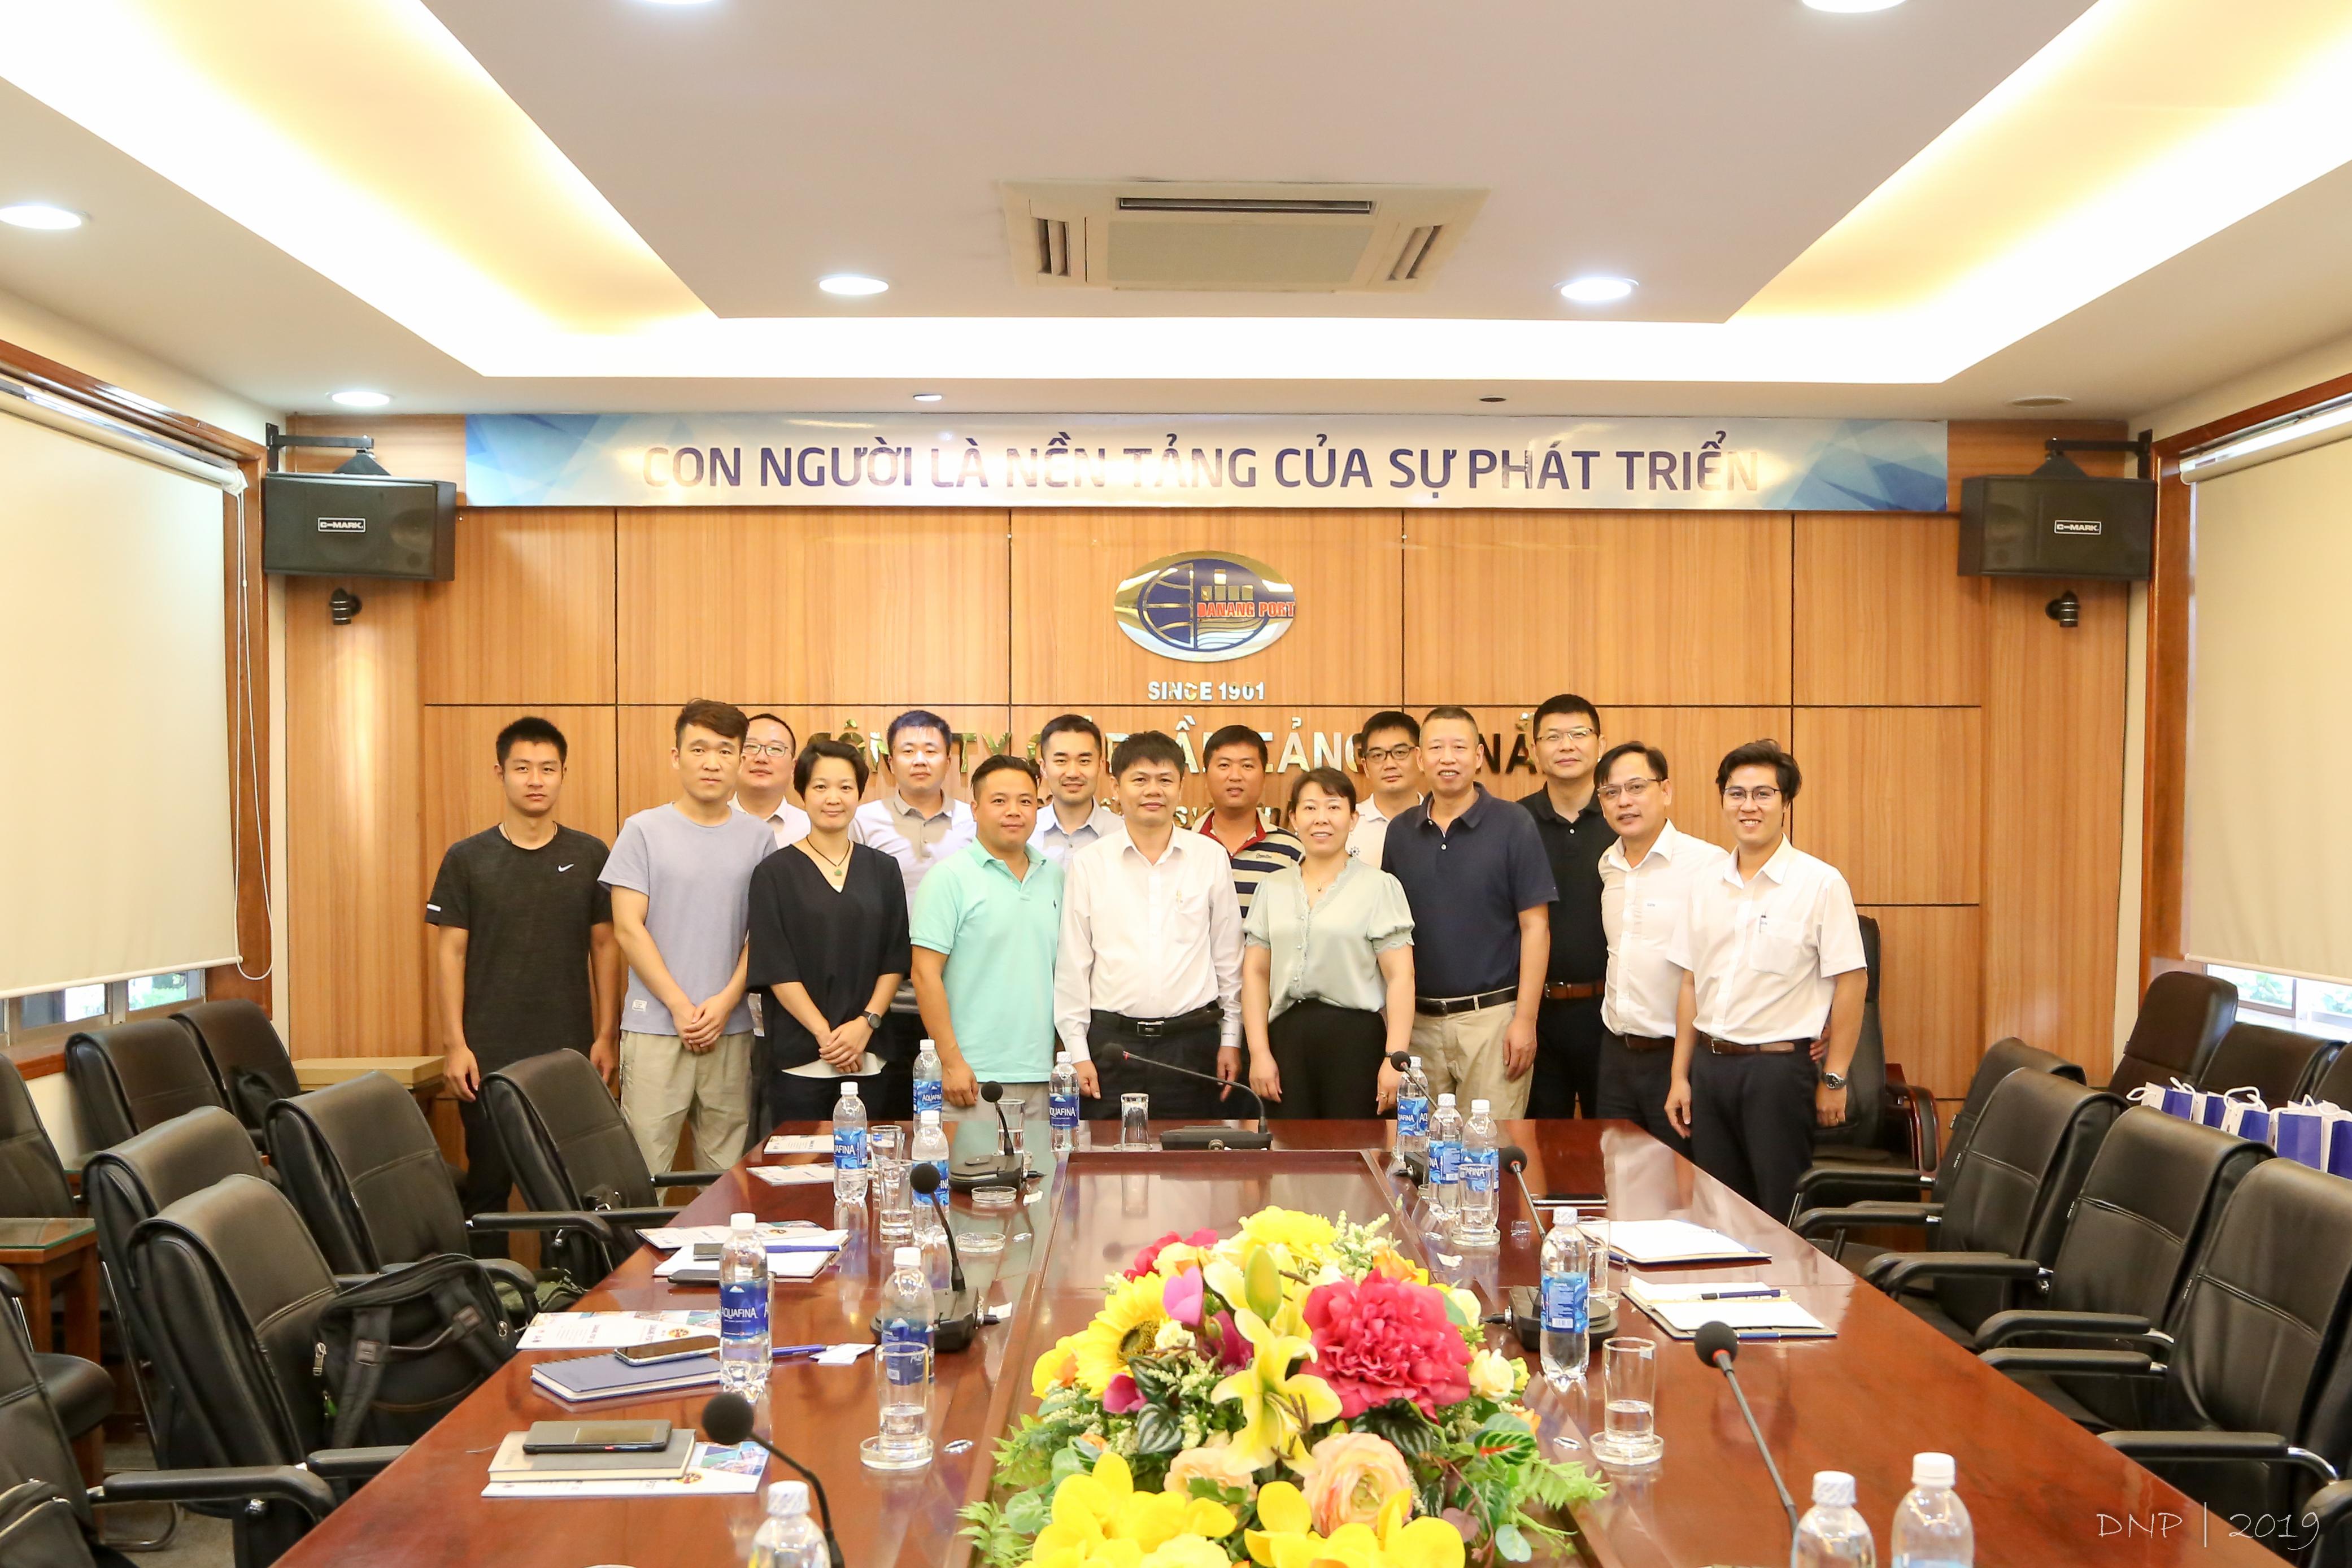 Đoàn SUNPAPER chụp hình lưu niệm cùng Ban lãnh đạo Cảng Đà Nẵng